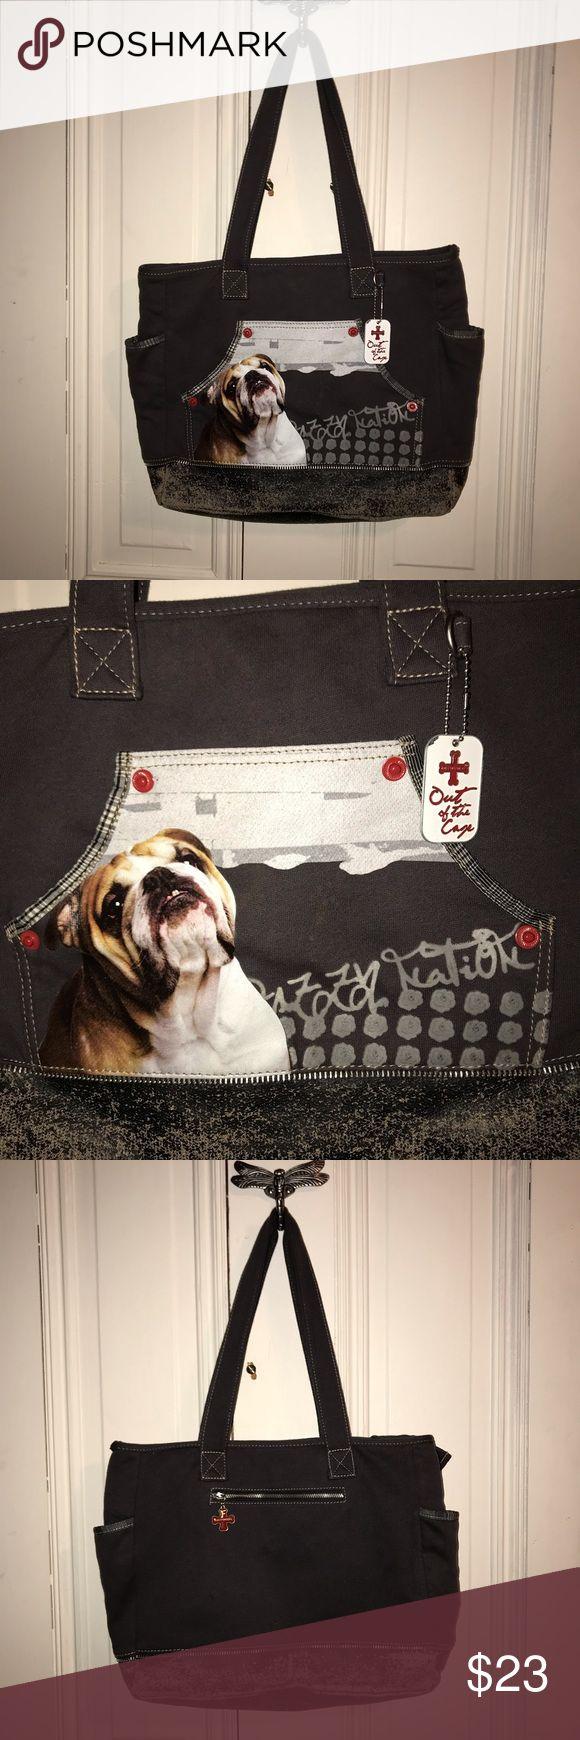 Fuzzy Nation adorable bulldog purse Purses, Fuzzy, Adorable